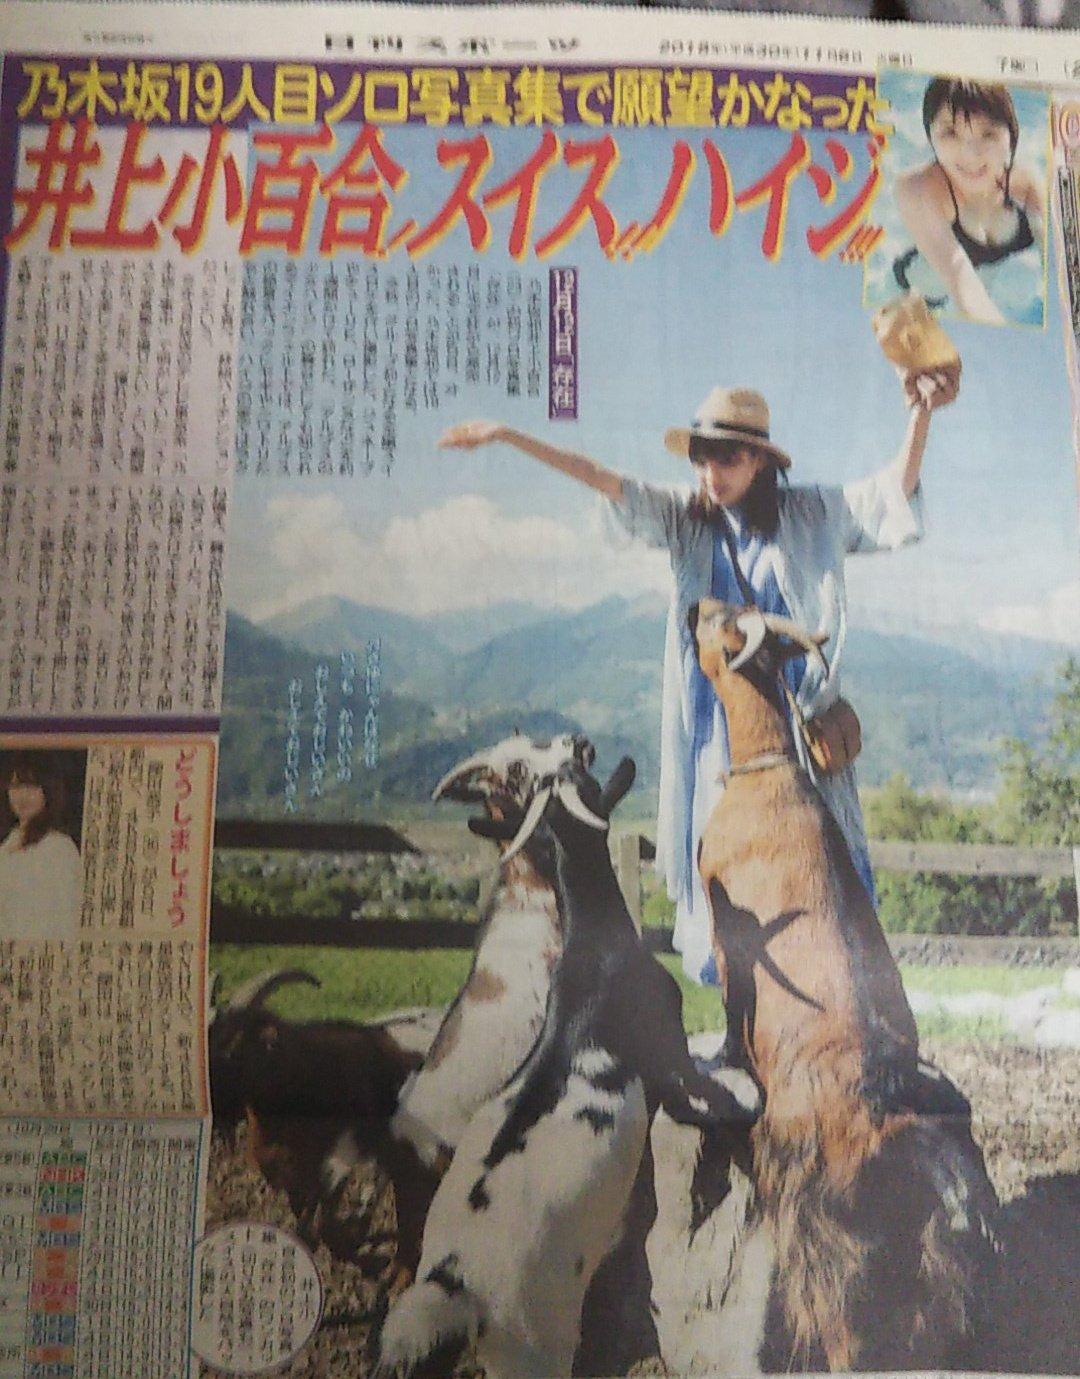 乃木坂46井上小百合ファースト写真集『存在』 日刊スッポーツ